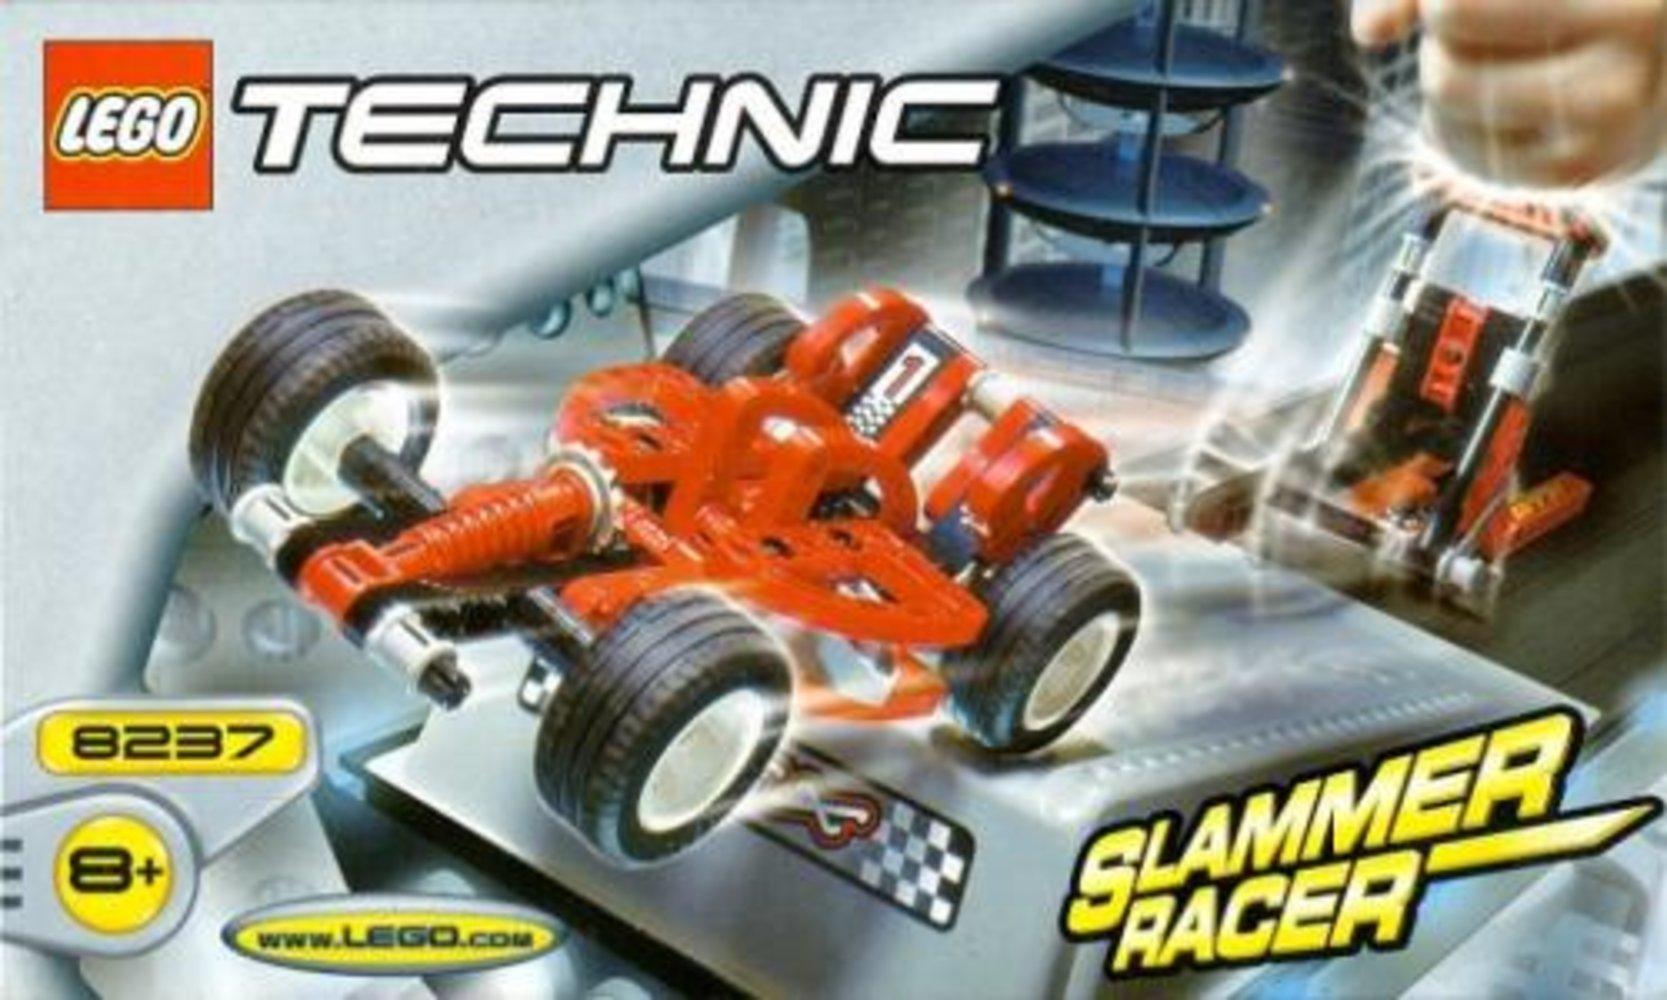 Slammer Racer / Formula Force